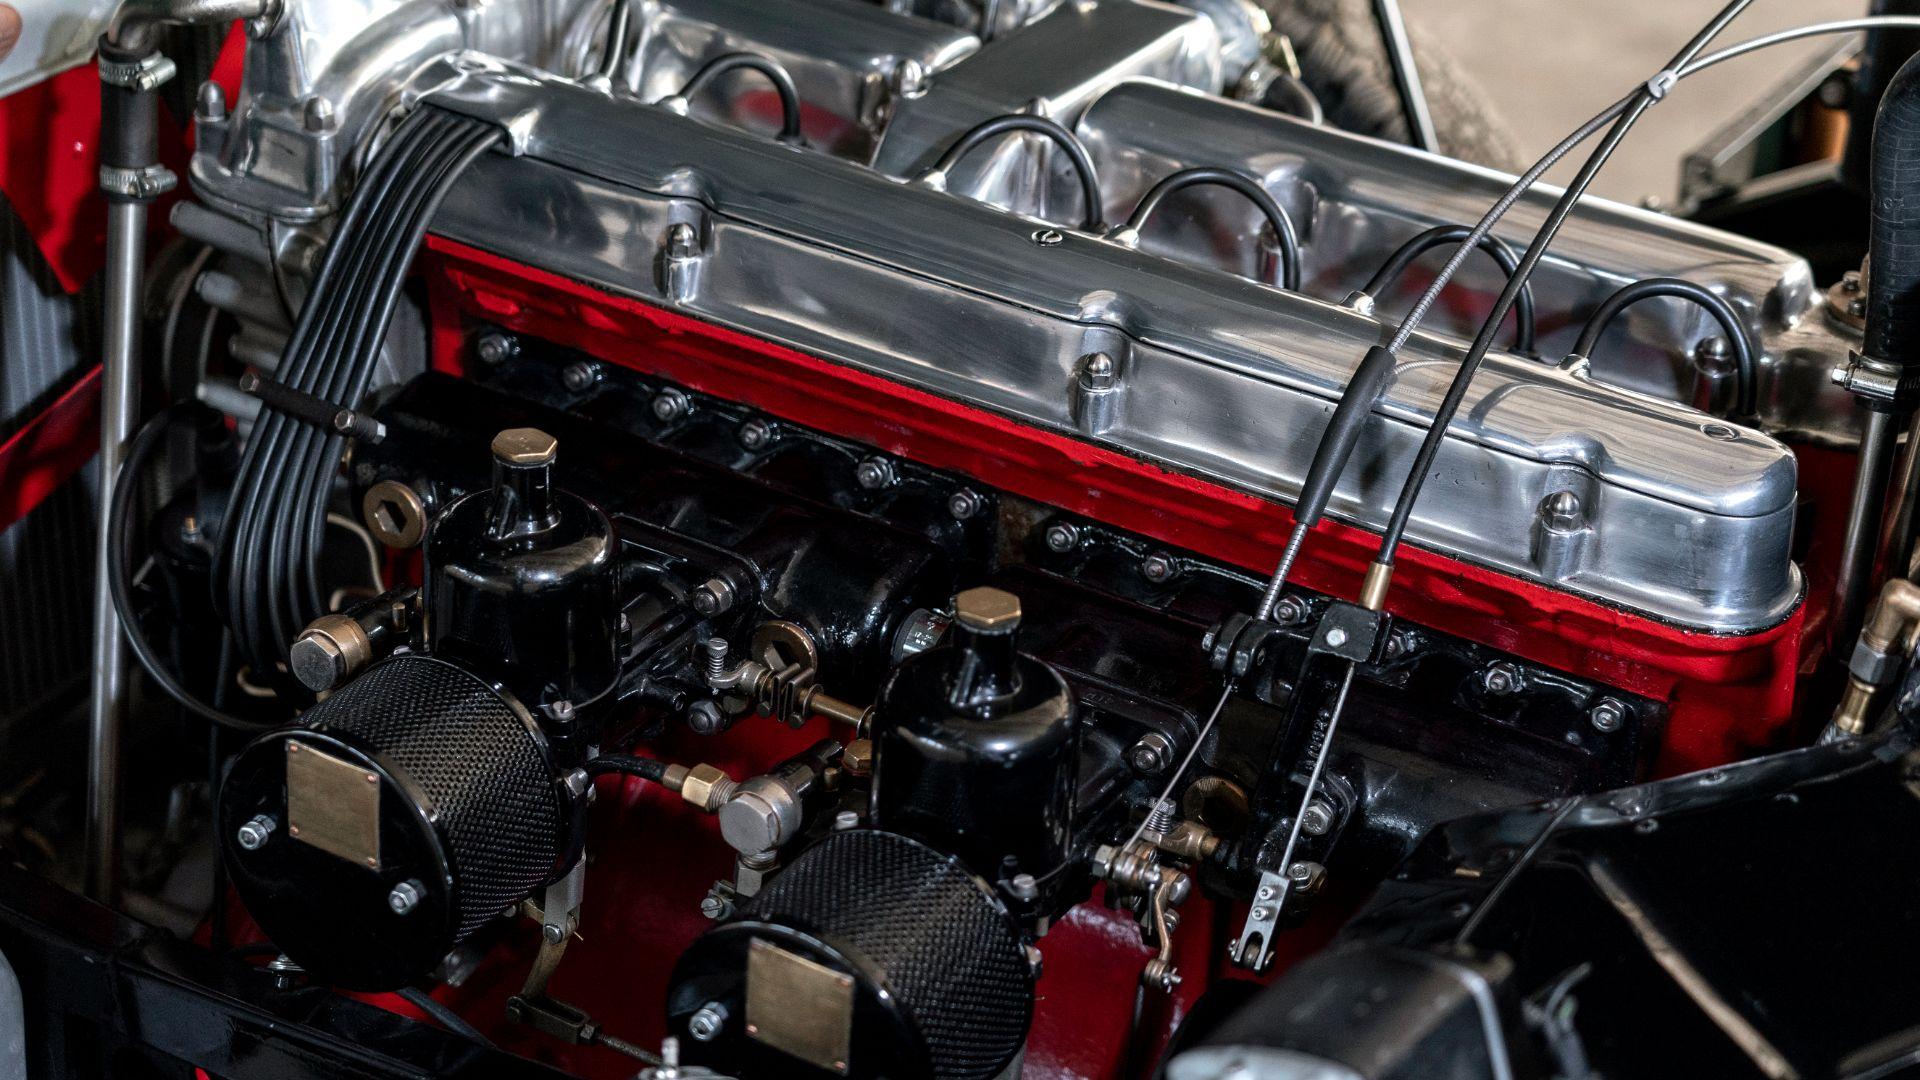 DB2 Vantage: Le Mans-proven power